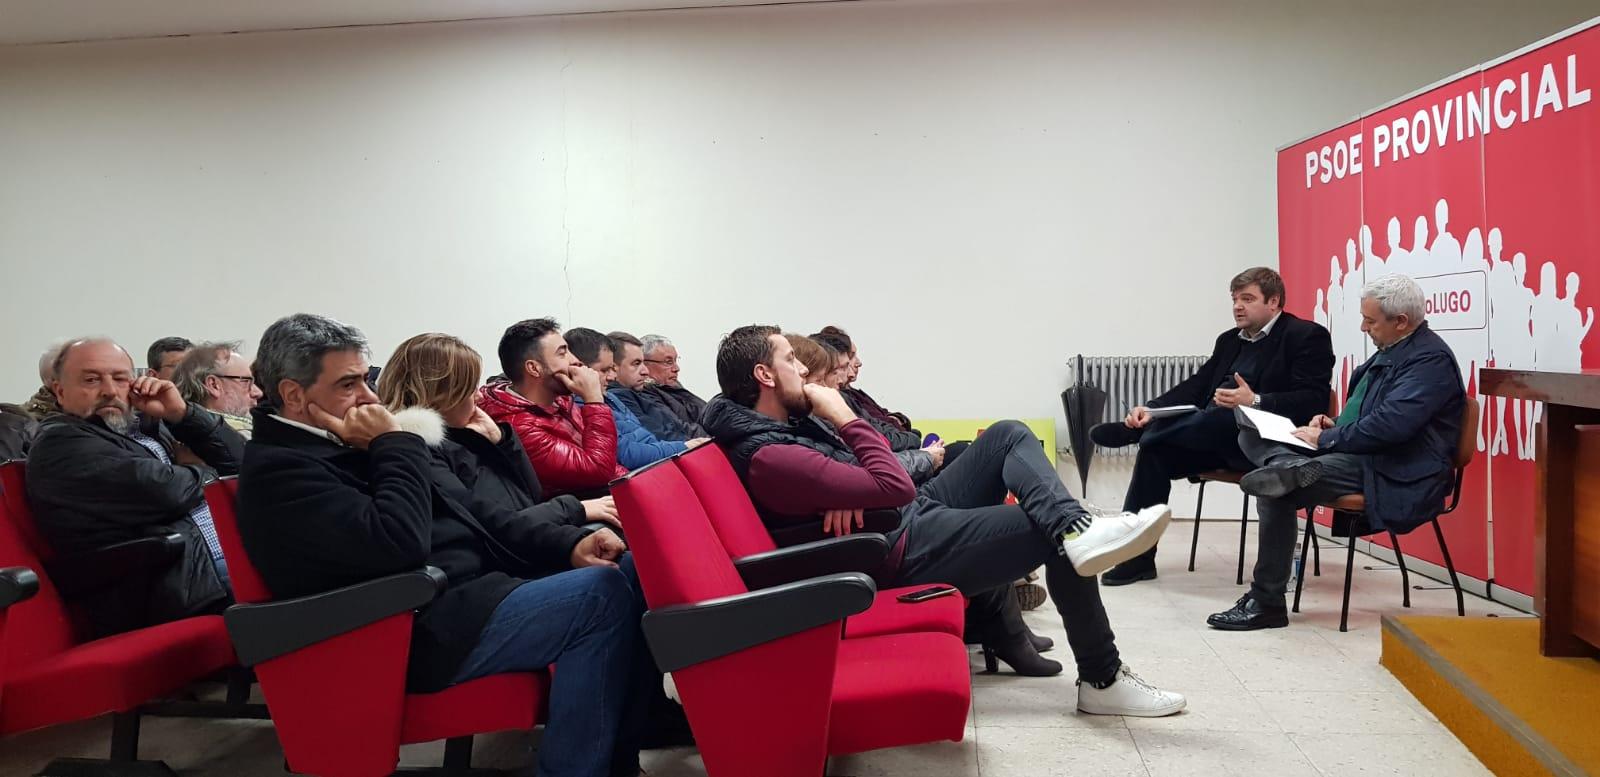 Foto dun Encontro Comarcal con militantes no que participaron o Secretario Xeral e o Deputado no parlamento galego